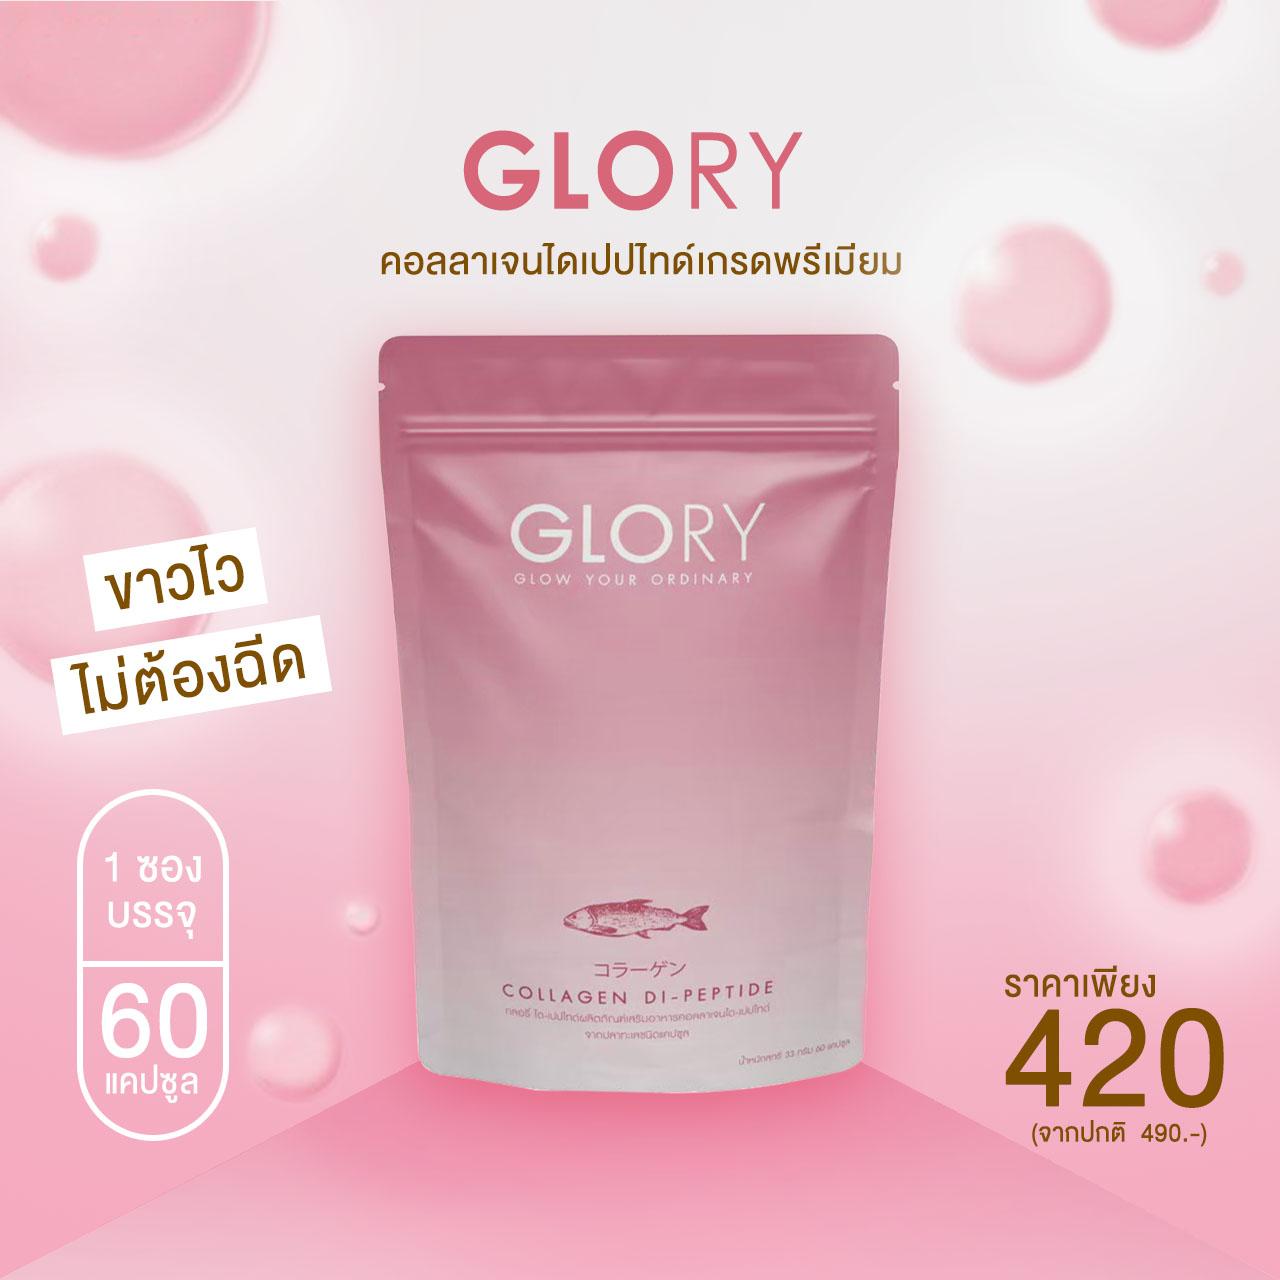 Glory Collagen Di-Peptide